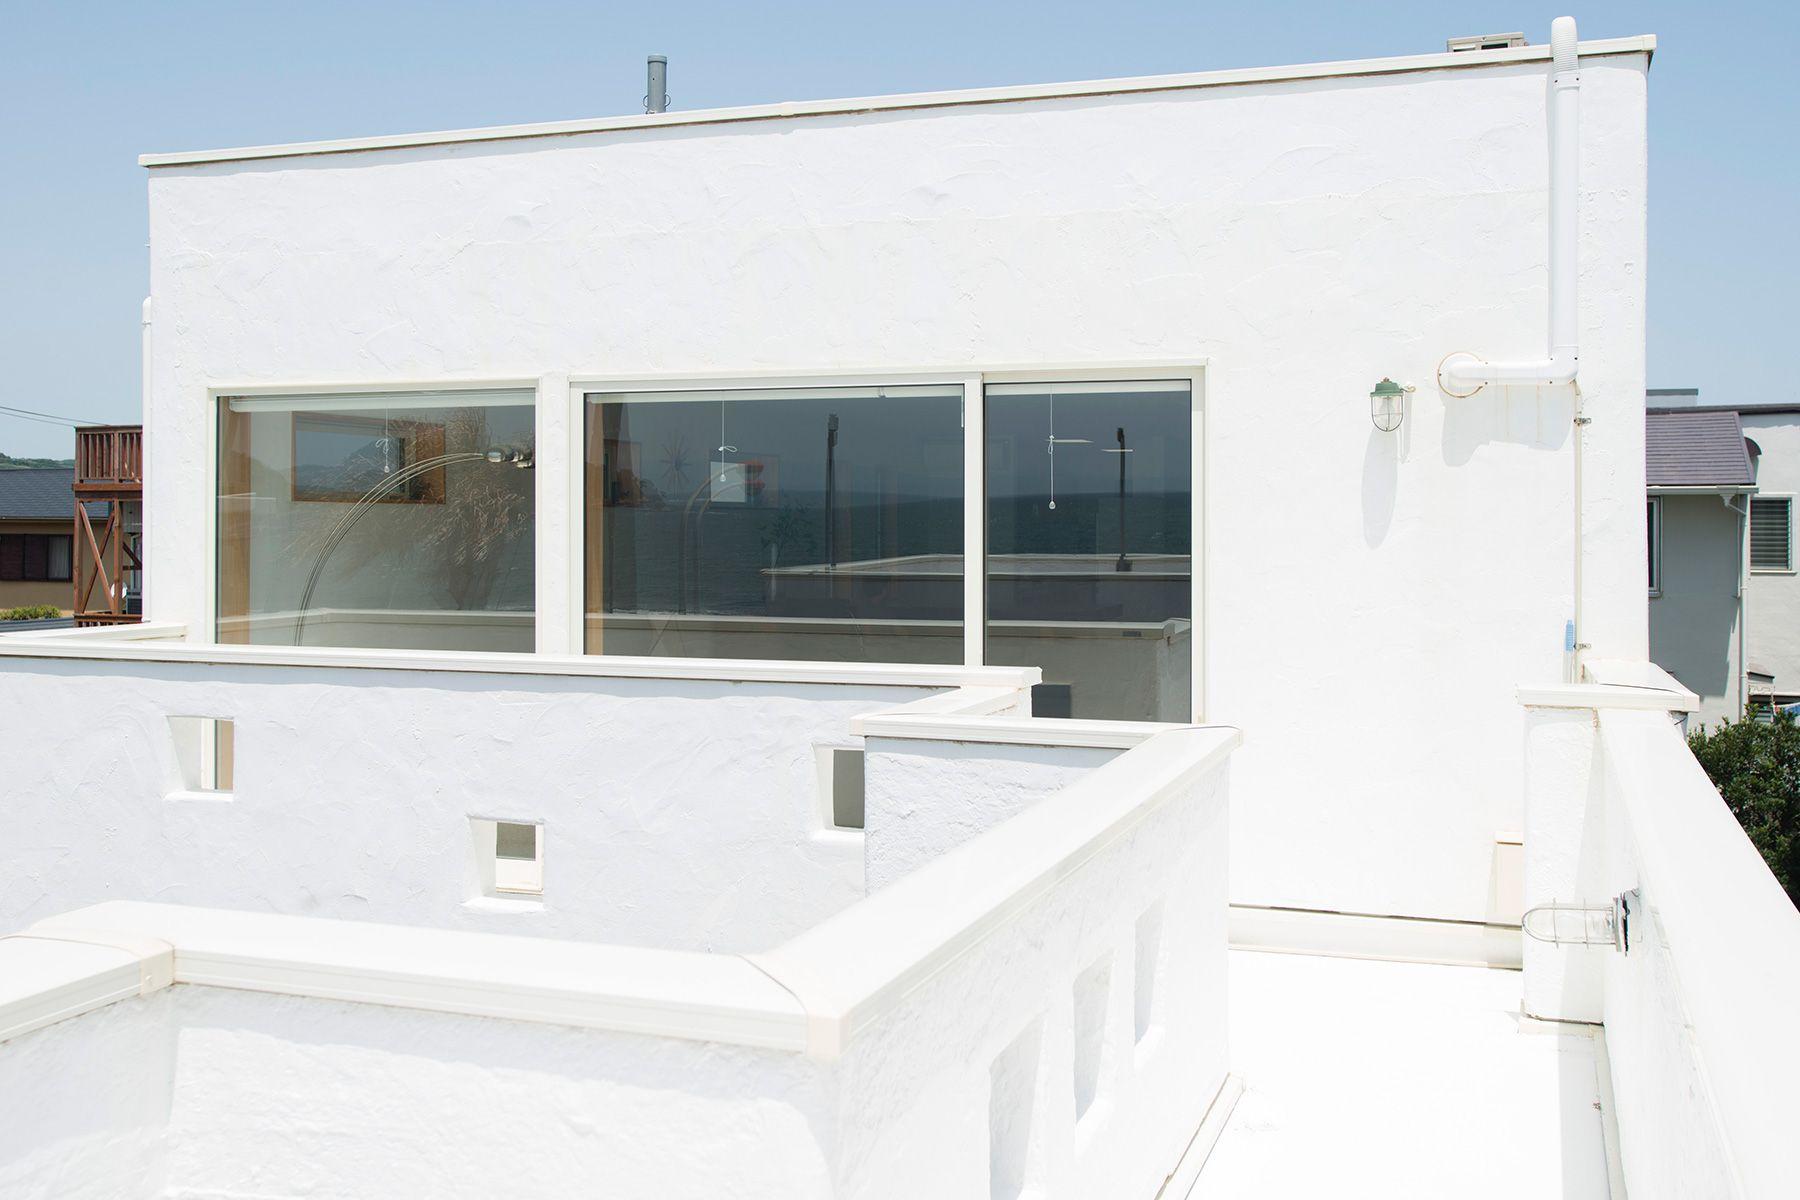 MOKU(モク 材木座)テラスから2階リビング向き